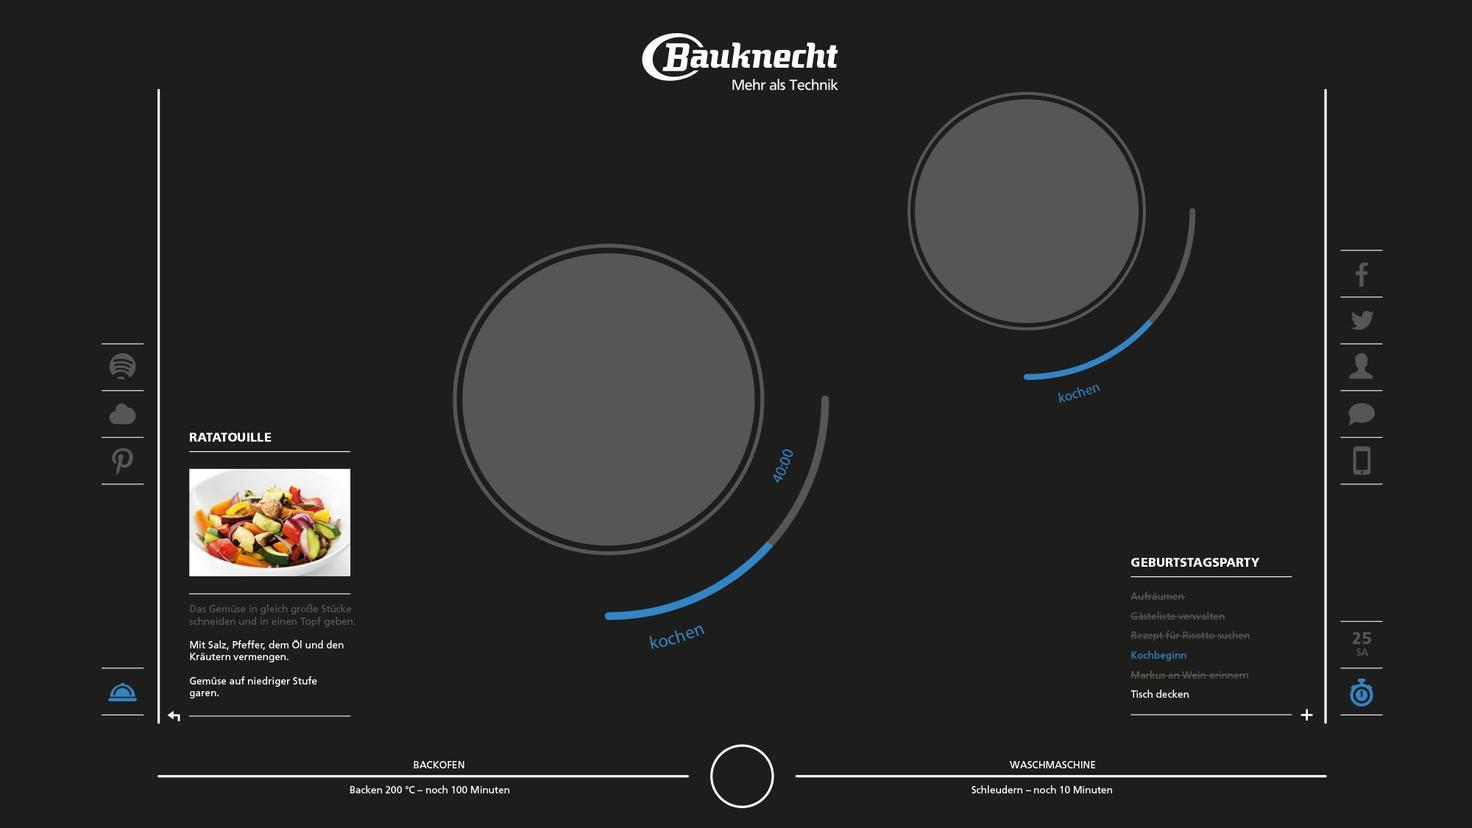 Smartes Kochfeld Bauknecht Interactive Cooktop